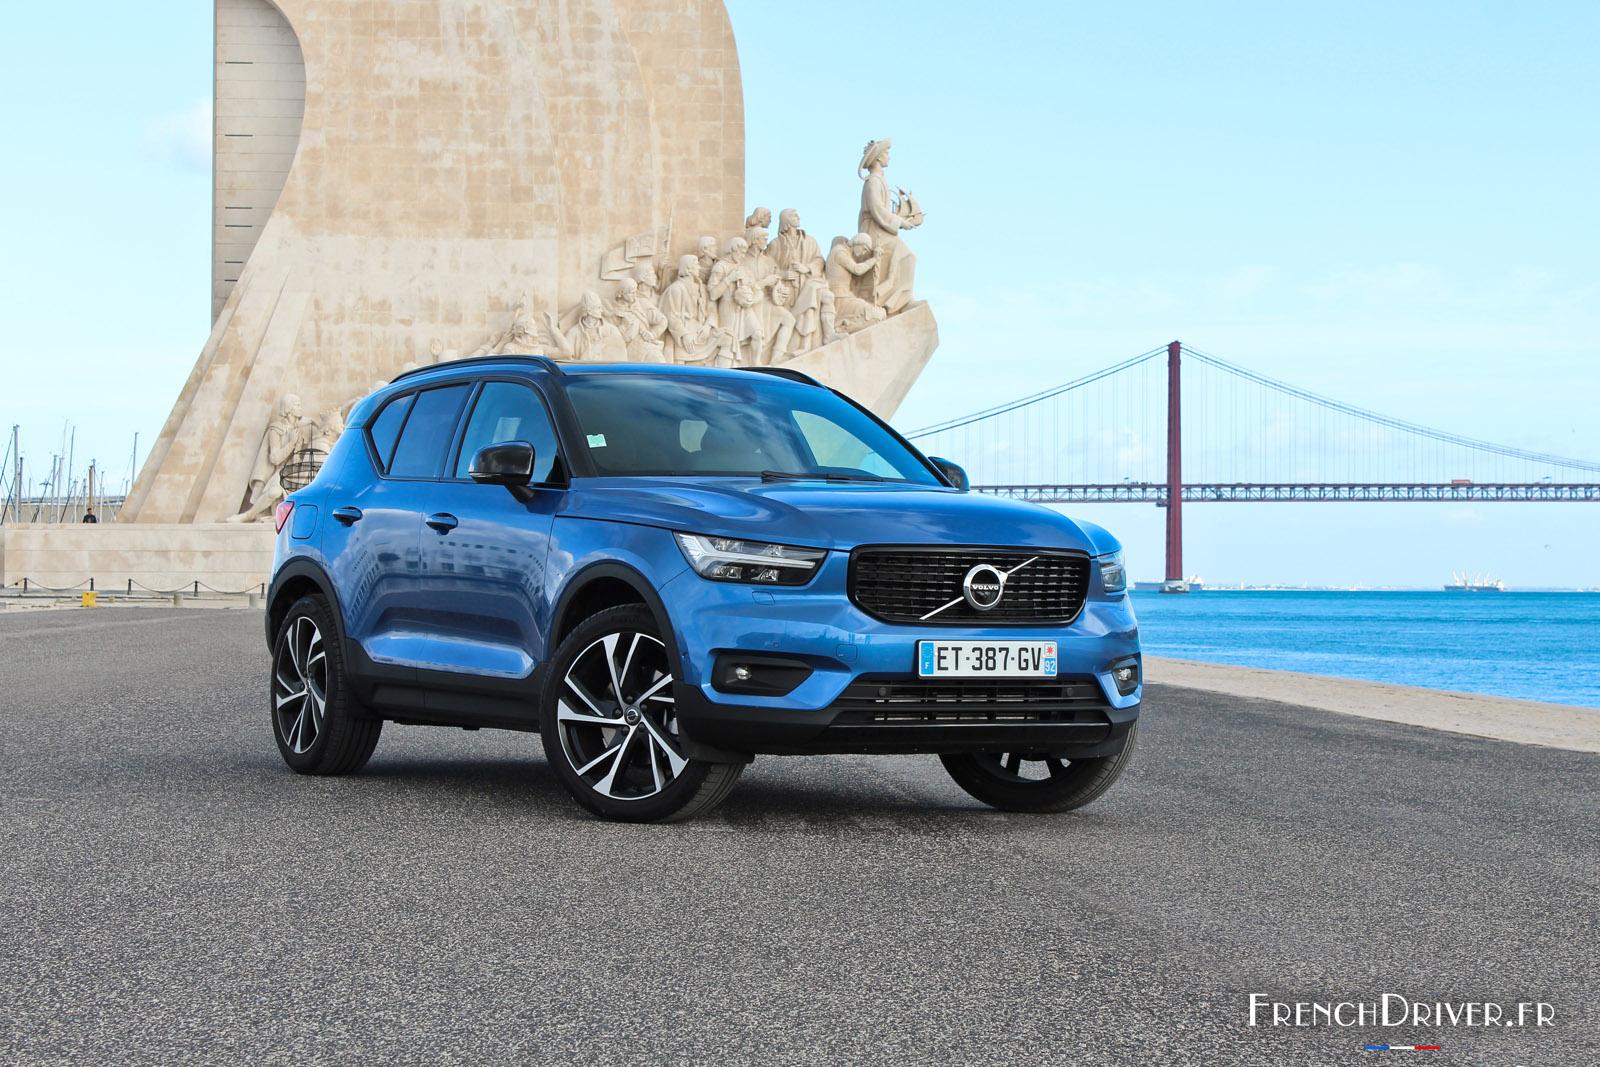 Essai Volvo Xc40 >> Essai Volvo Xc40 Les Allemands Ont Du Souci A Se Faire French Driver